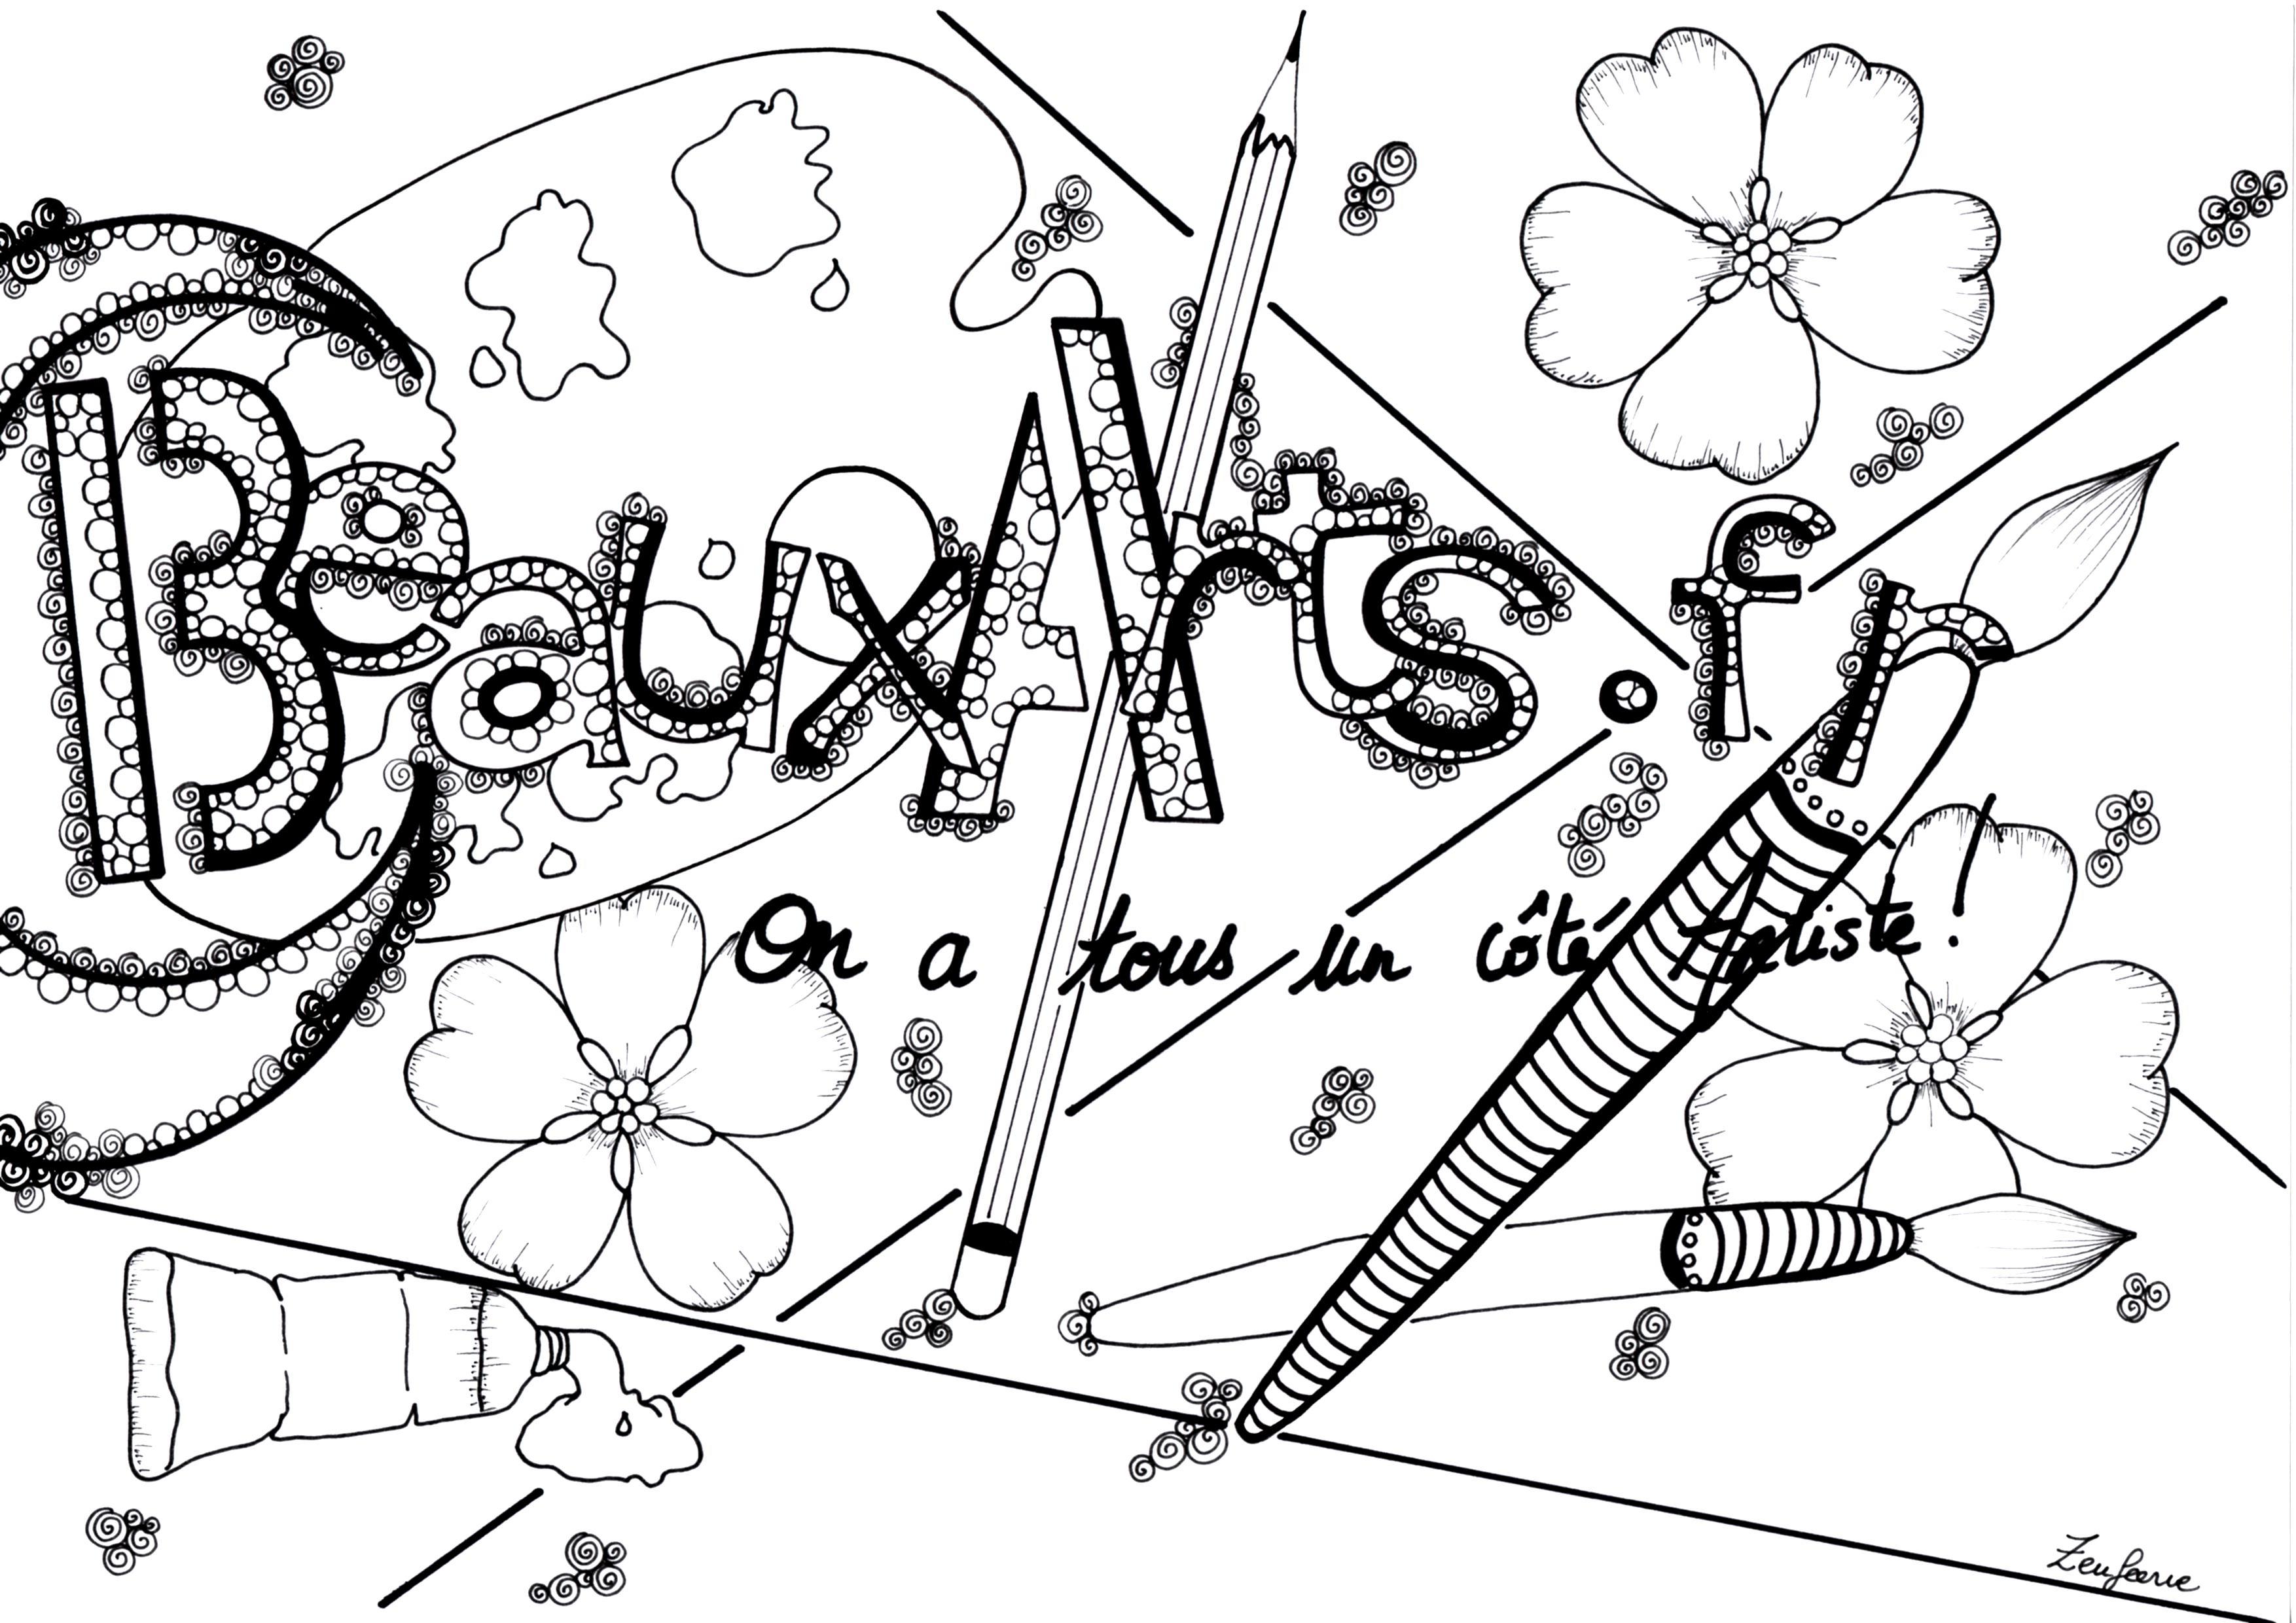 Disegni da colorare per adulti : Zentangle - 30